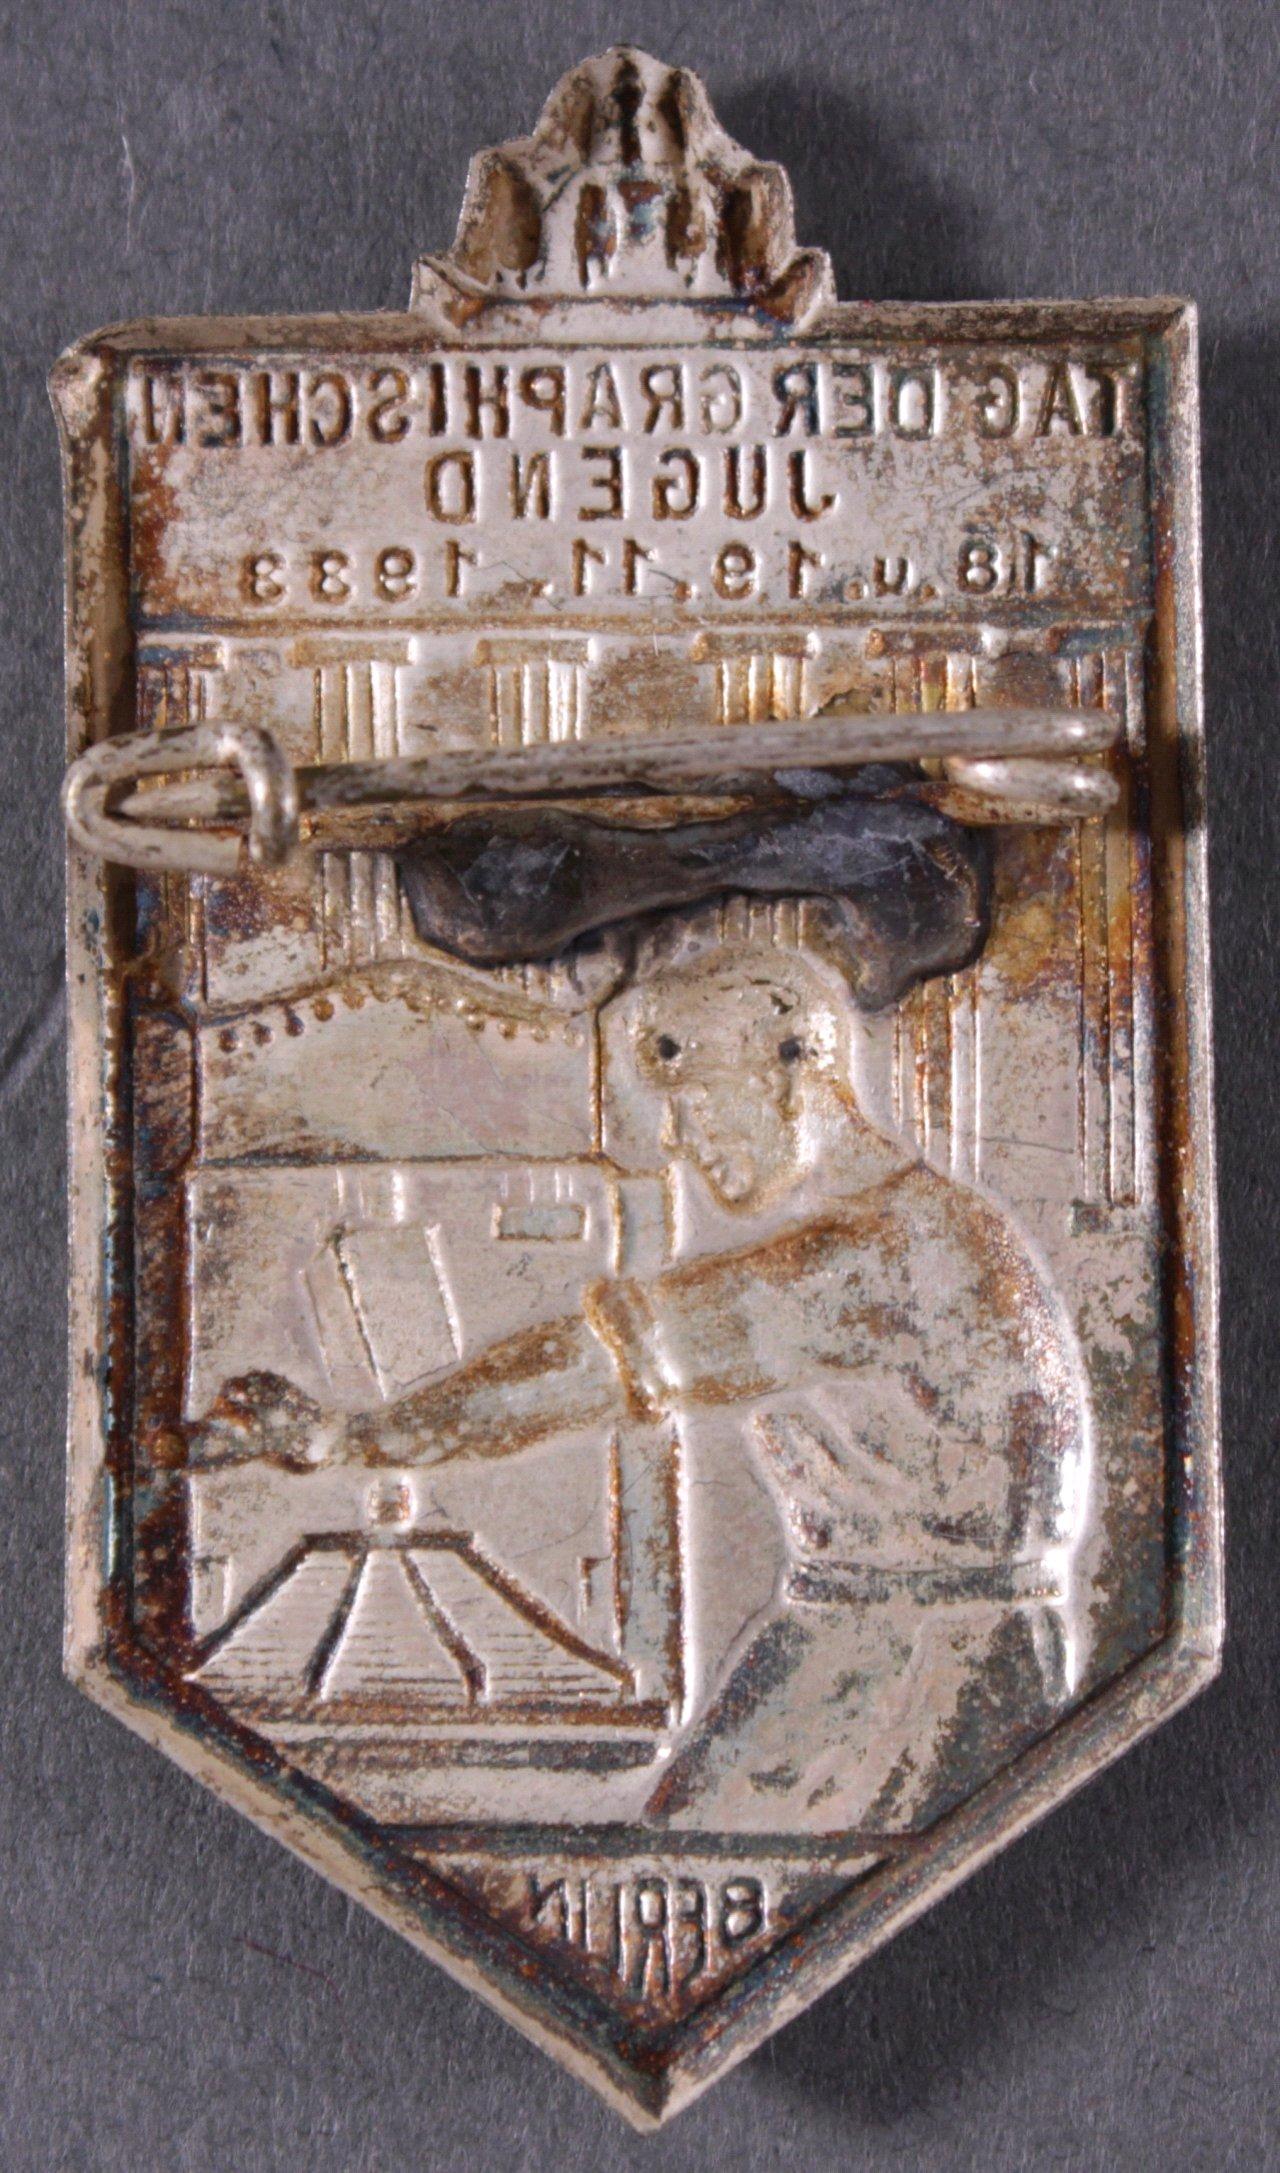 Veranstaltungsabzeichen Tag der graphischen Jugend 1933-1